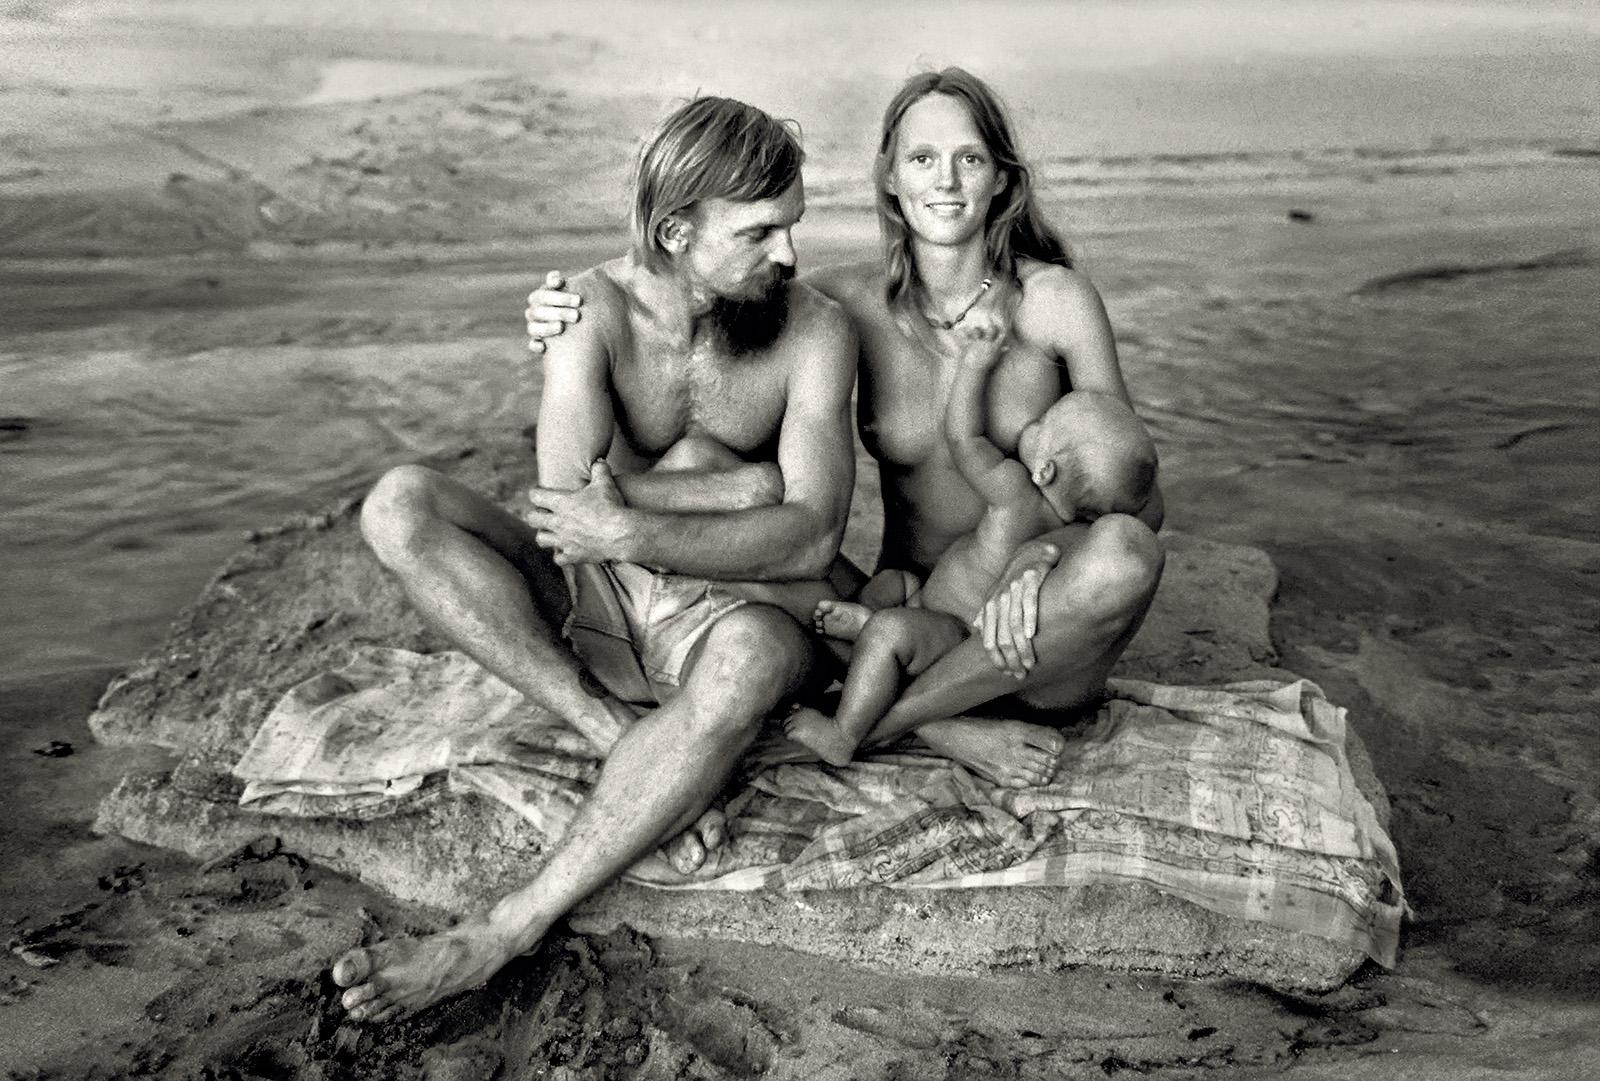 Смотреть семейный нудизм ретро фото, Нудисткий пляж ретро » Эротика фото и голых девушек 1 фотография